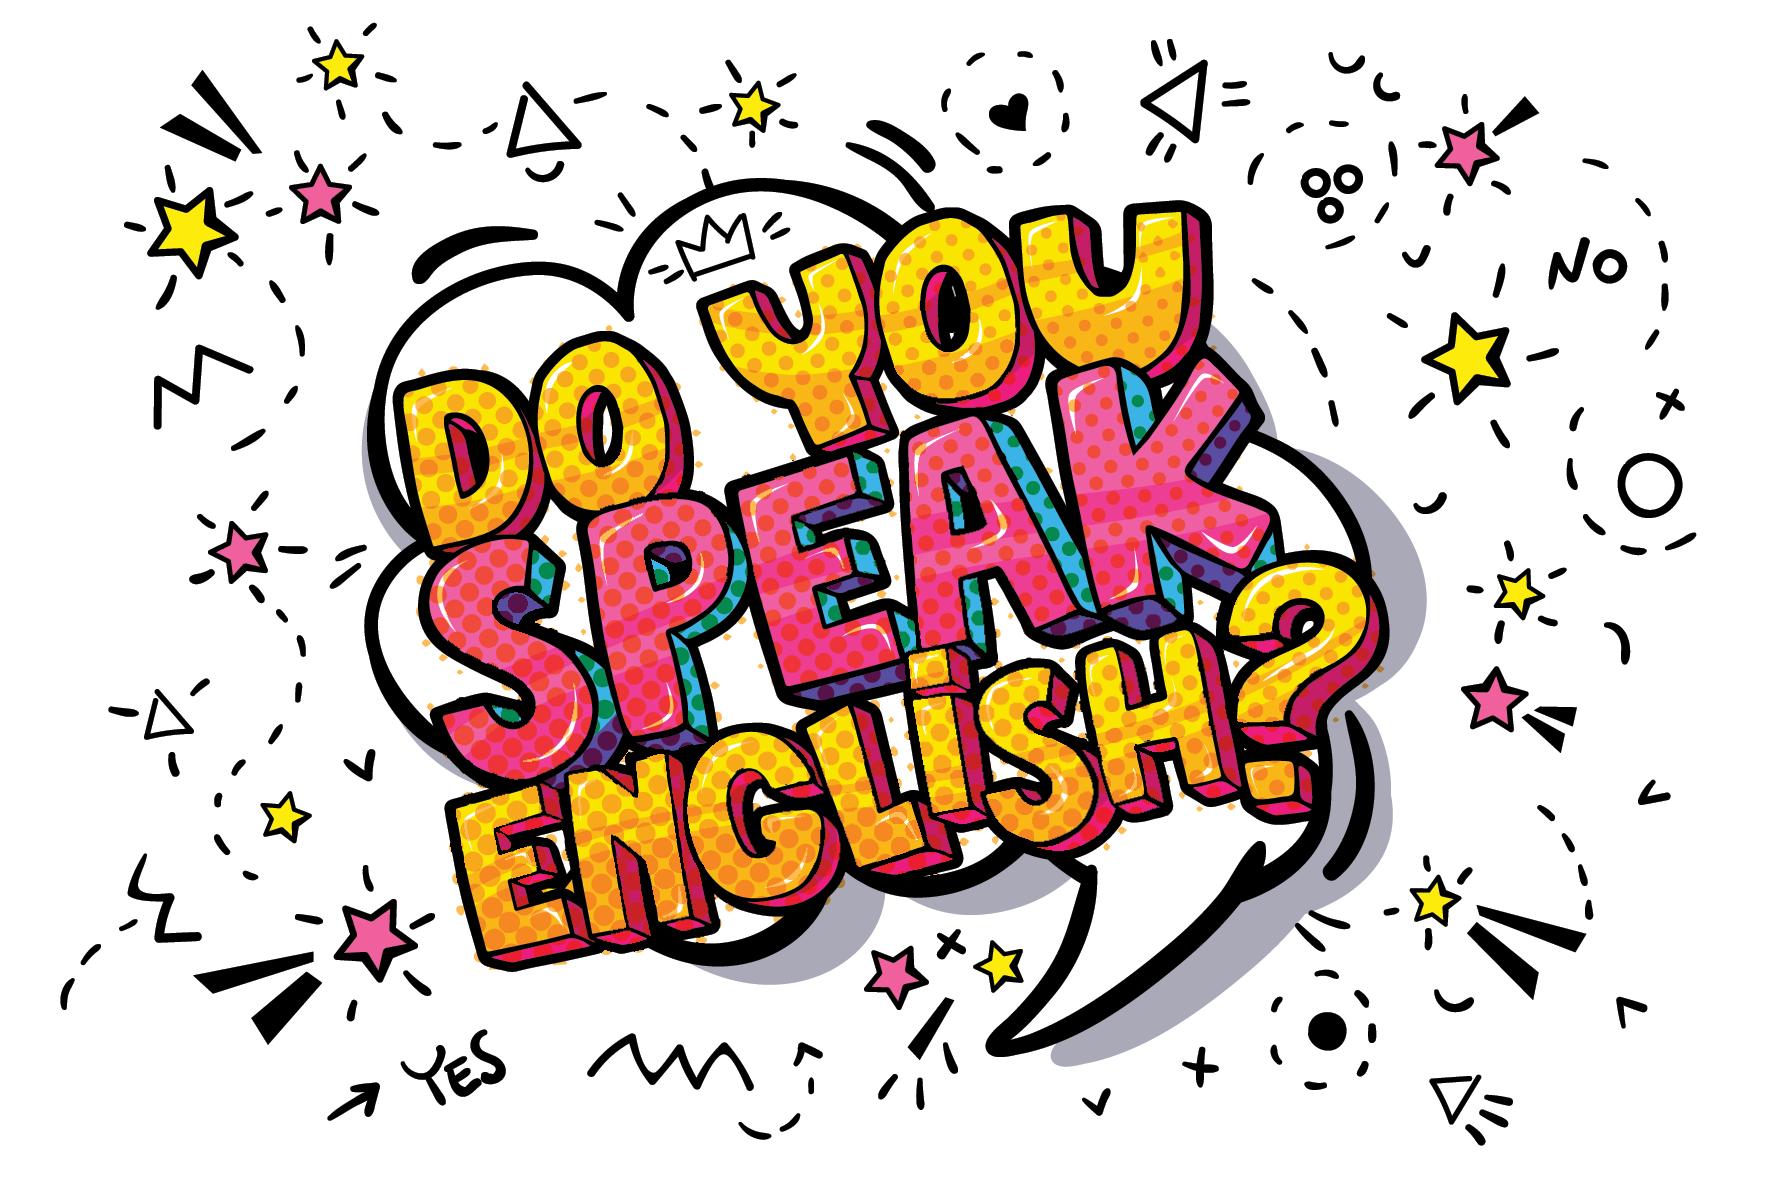 Le 10 parole in inglese di cui non conosci la pronuncia corretta - Wall Street English